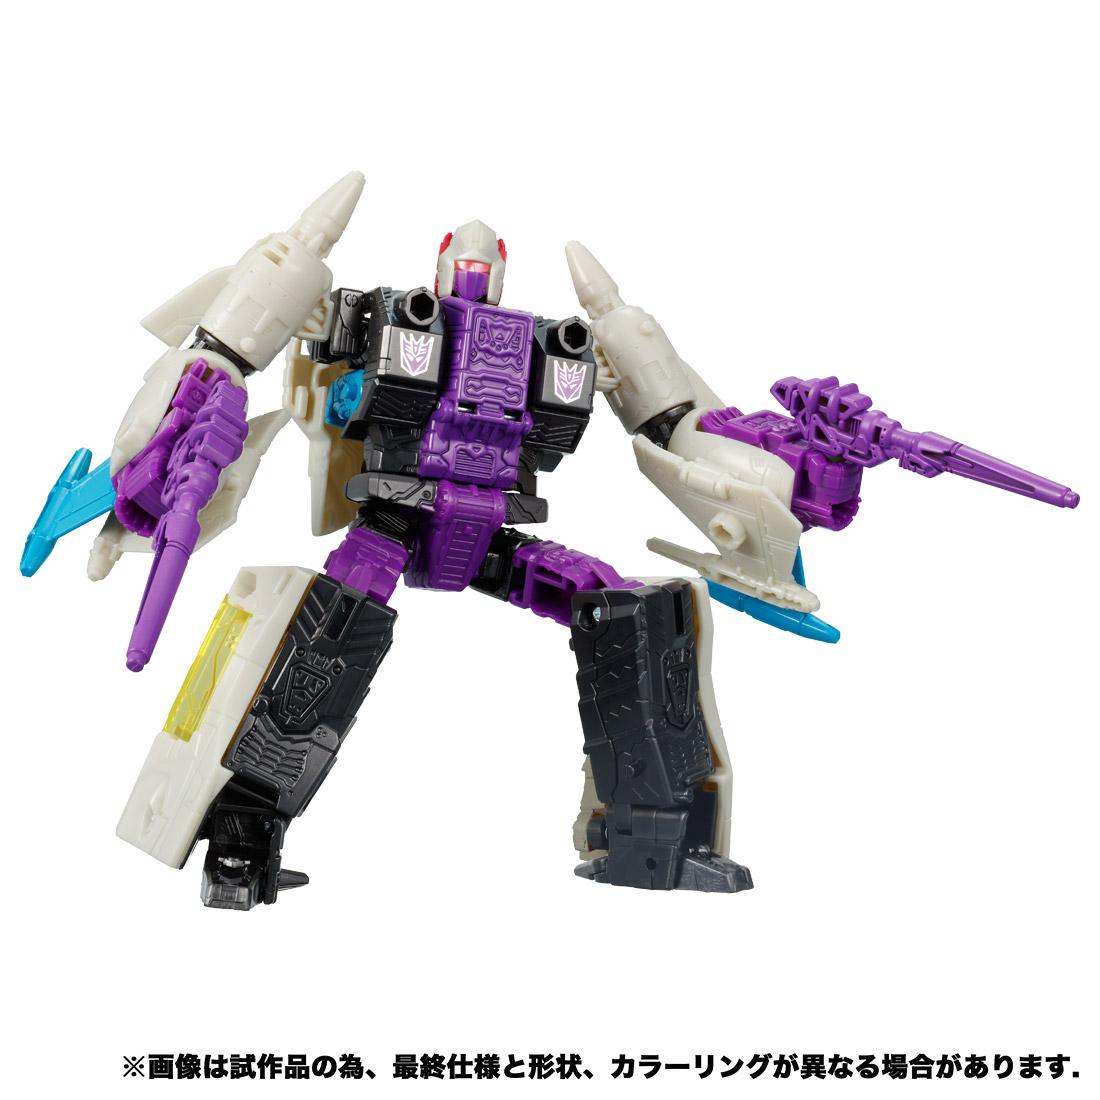 【限定販売】トランスフォーマー アースライズ『ER EX-10 スナップドラゴン』可変可動フィギュア-001